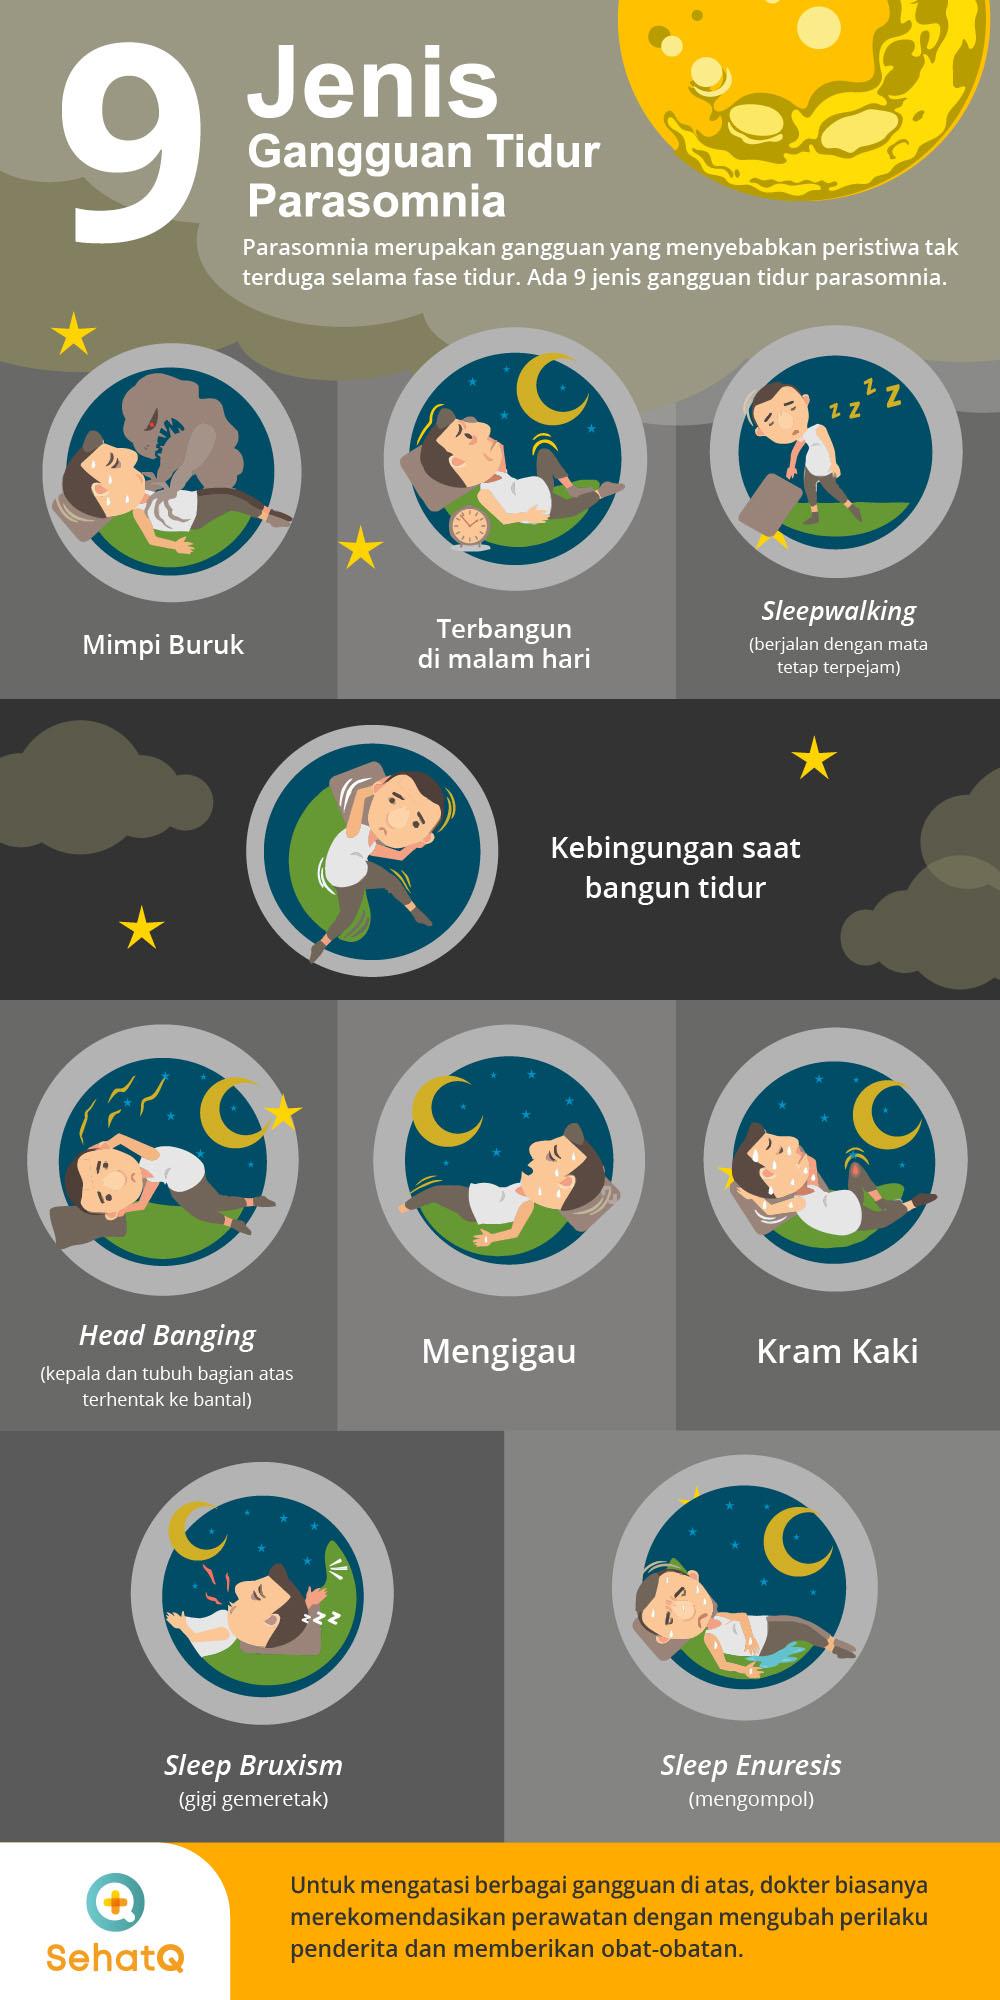 jenis gangguan tidur parasomnia